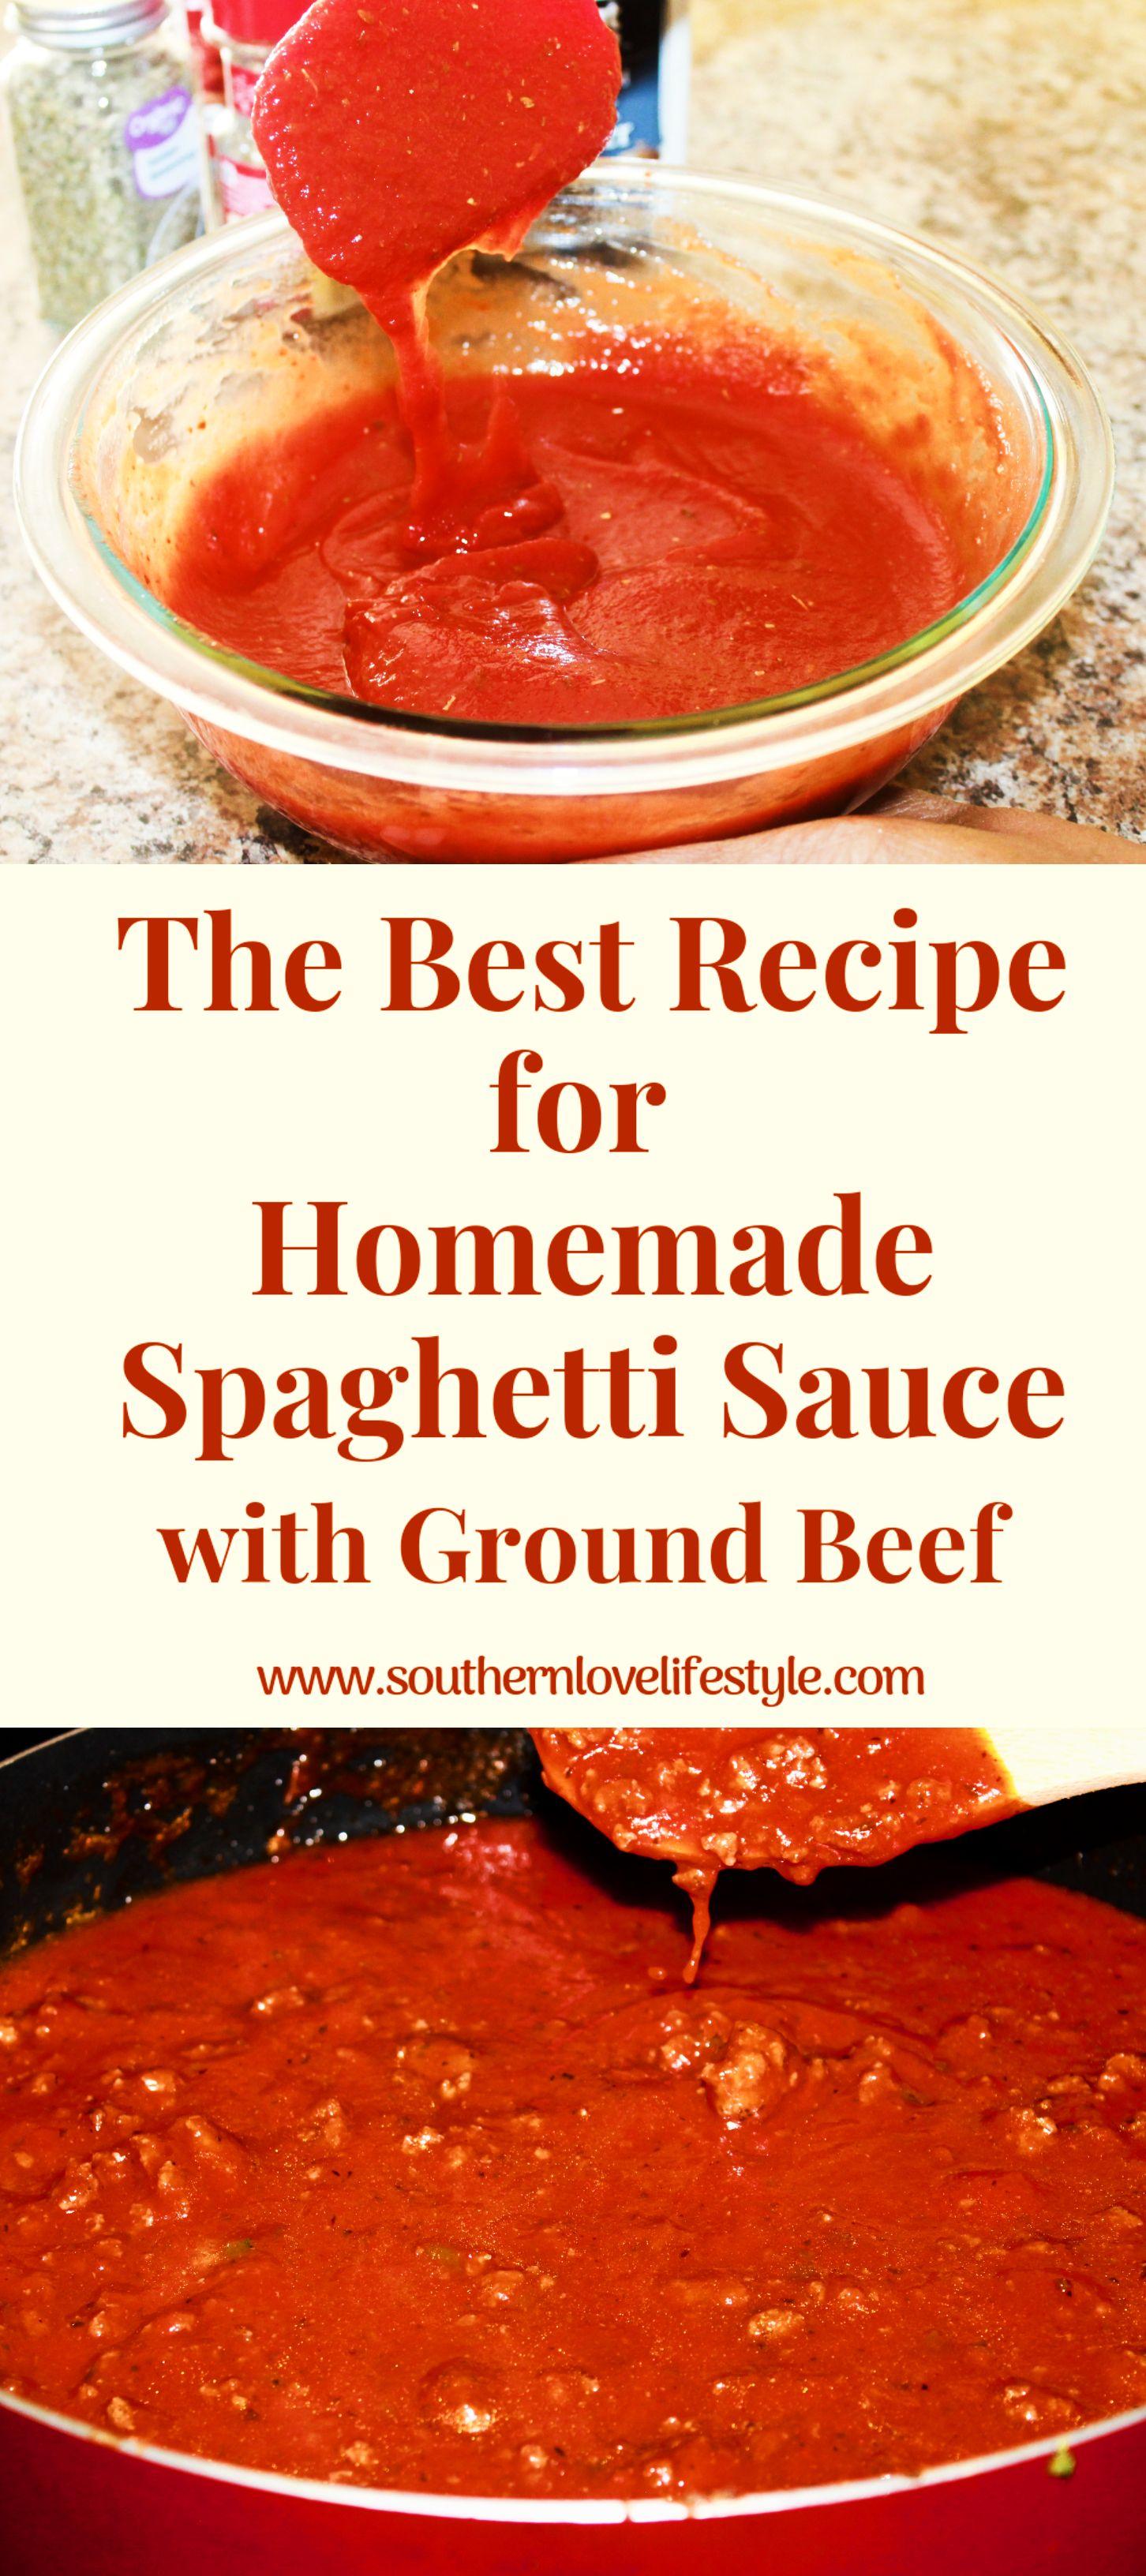 The Best Spaghetti Sauce Recipe Recipe Spaghetti Sauce Recipe Recipes Best Spaghetti Sauce